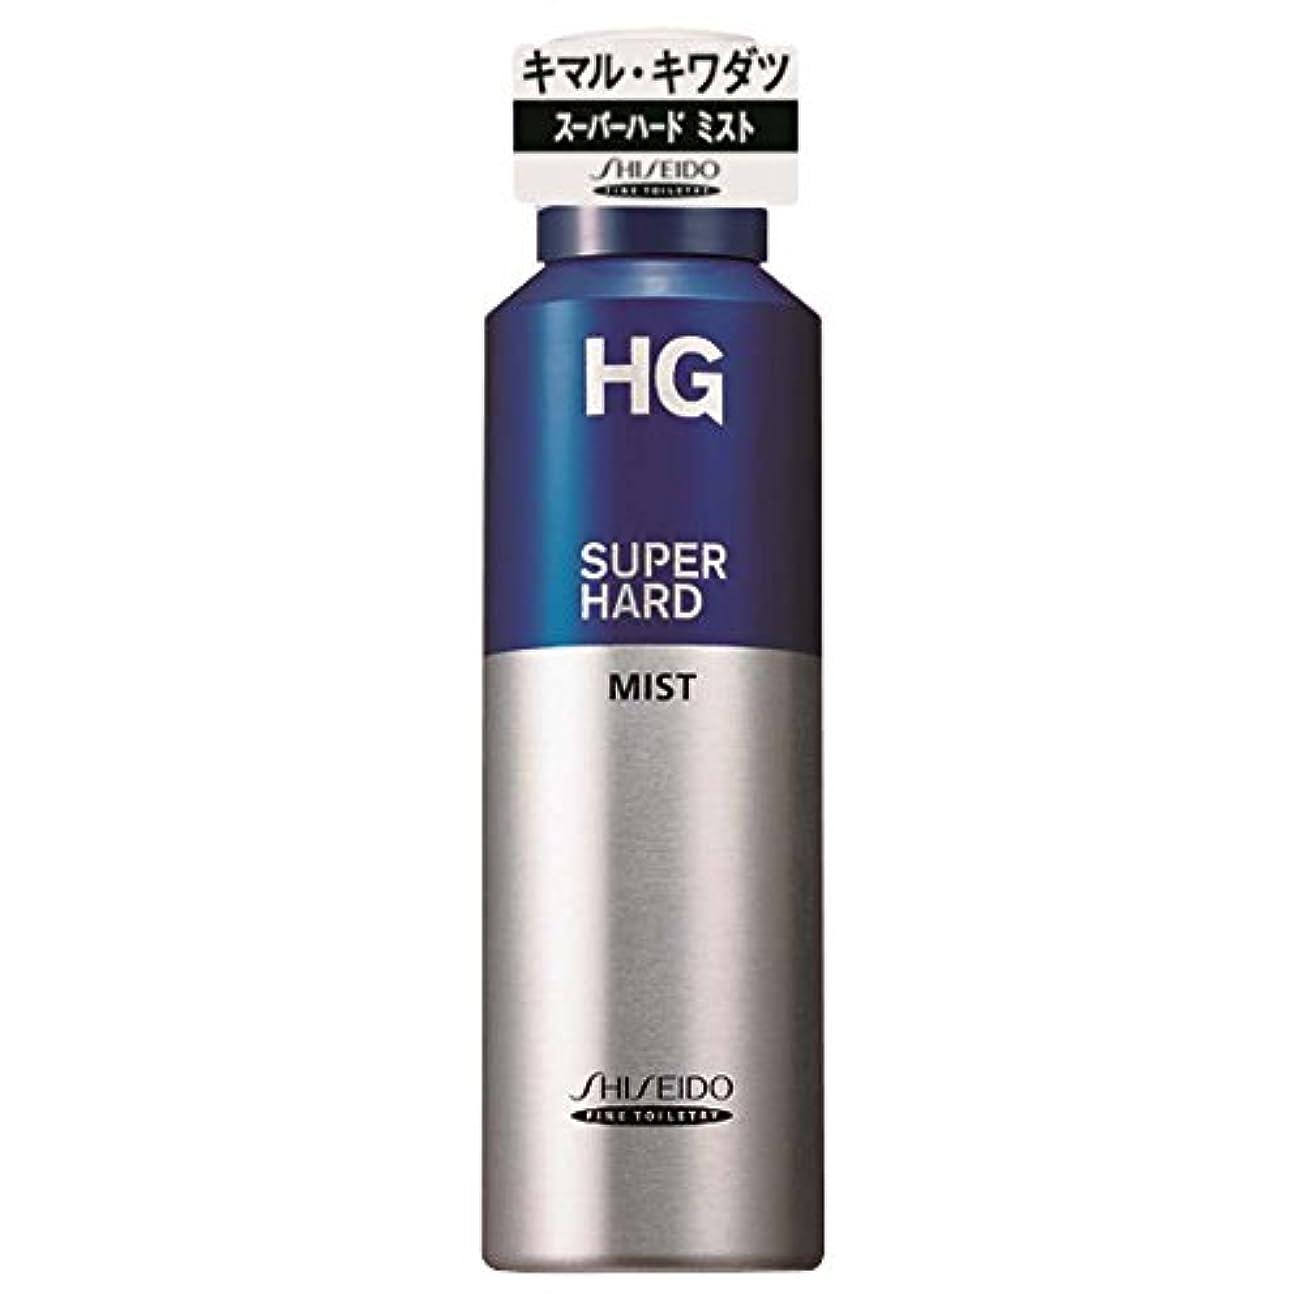 スタイル全体着飾るHG スーパーハードミストa 【HTRC3】